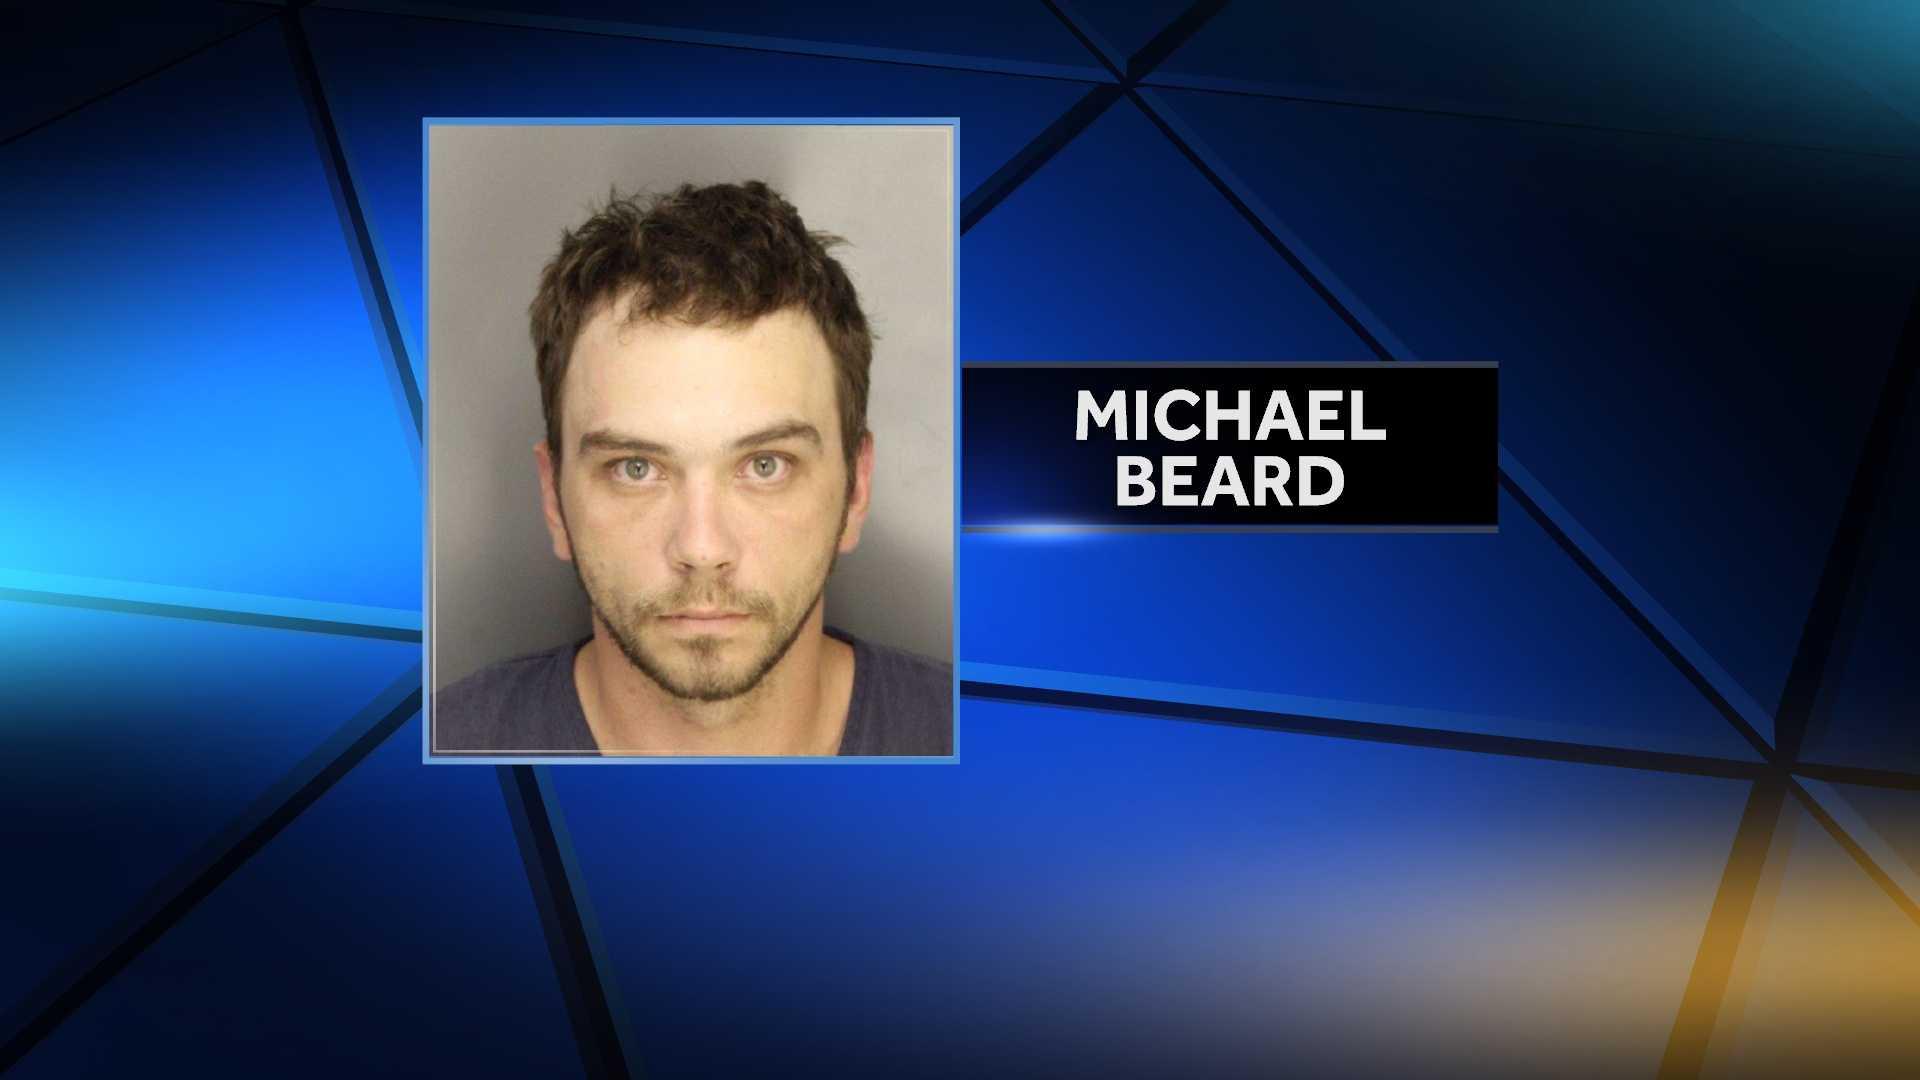 Michael Beard